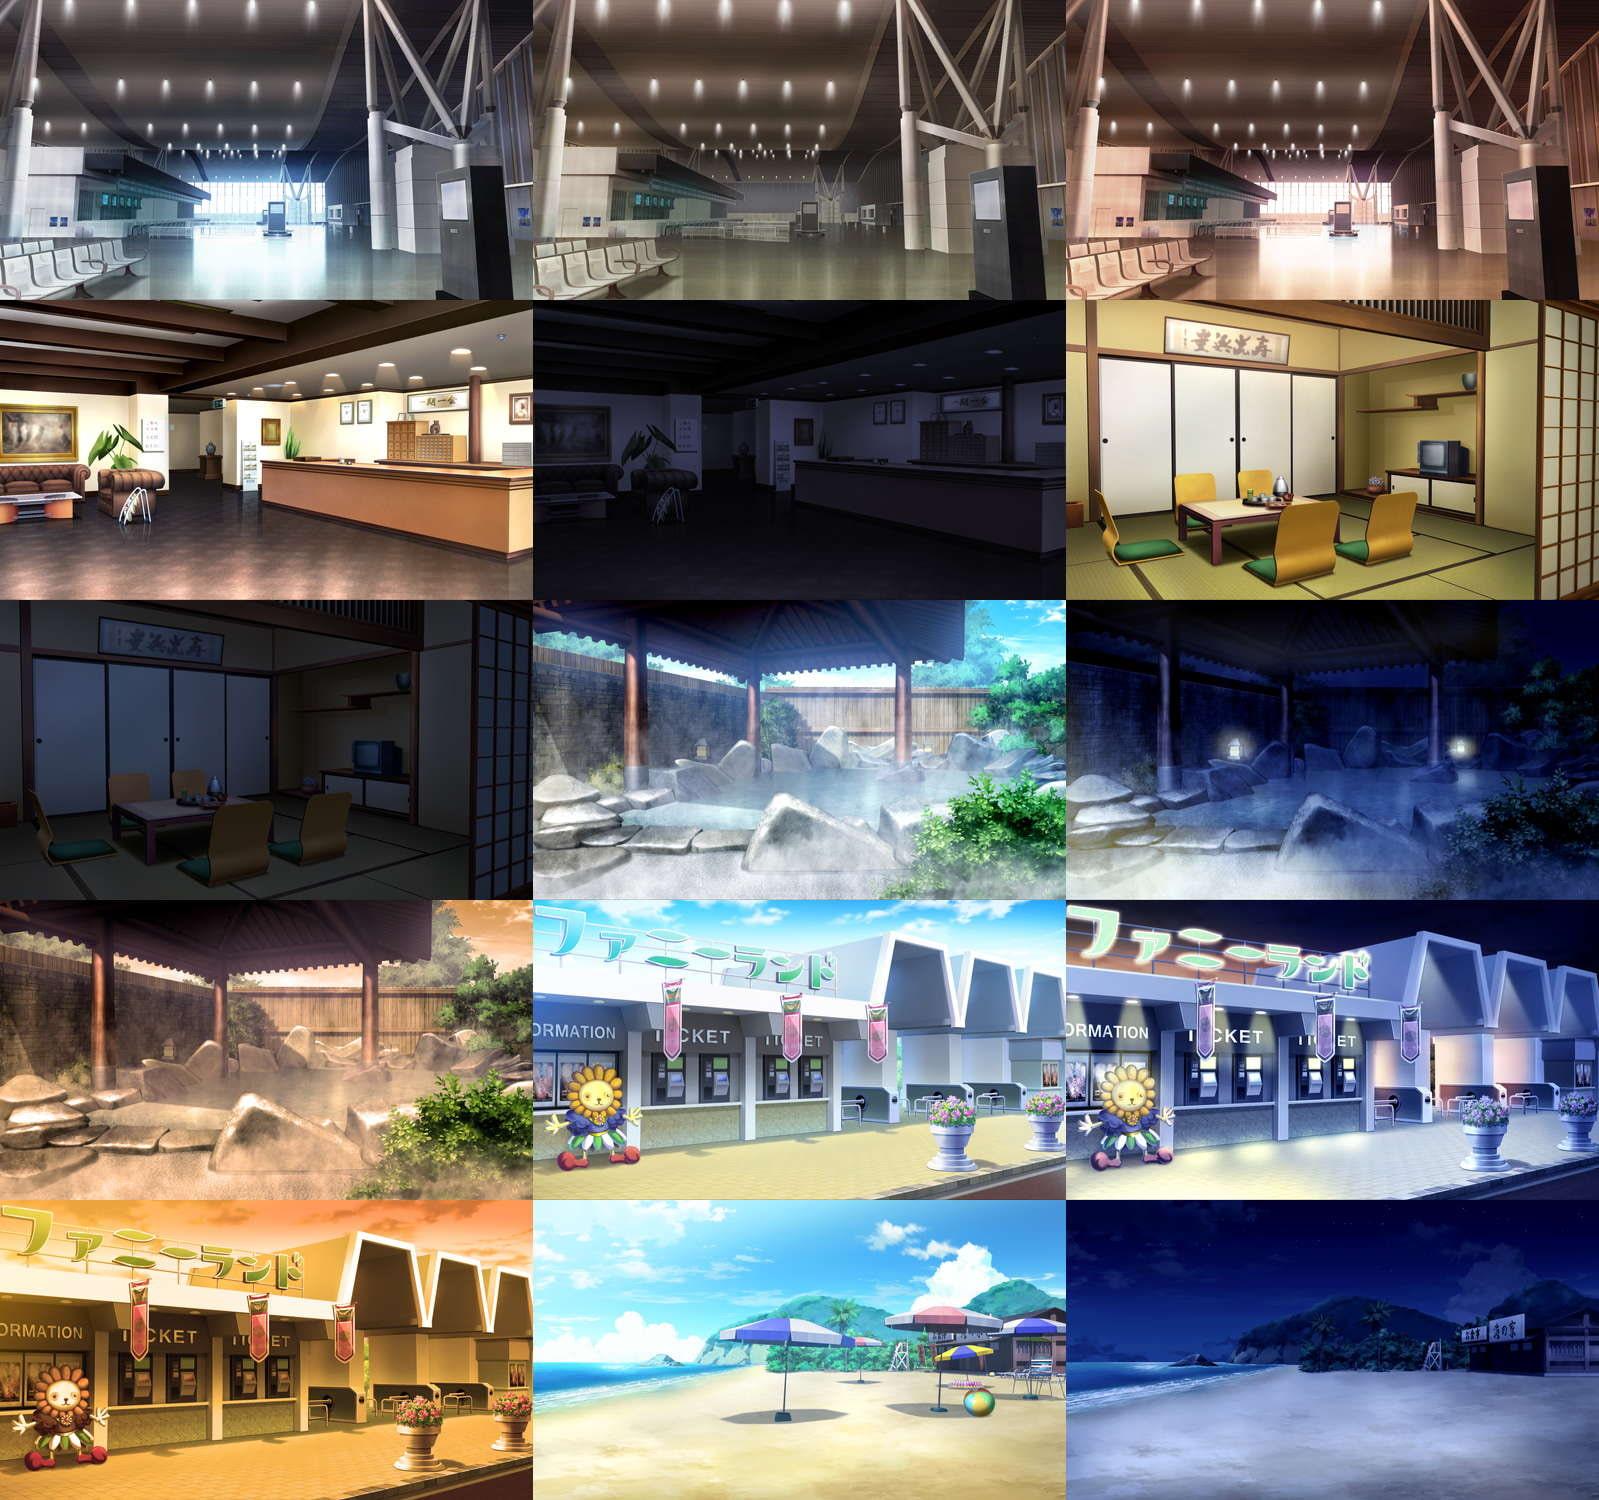 みにくる背景CG素材集『レジャー・公共施設編』part01